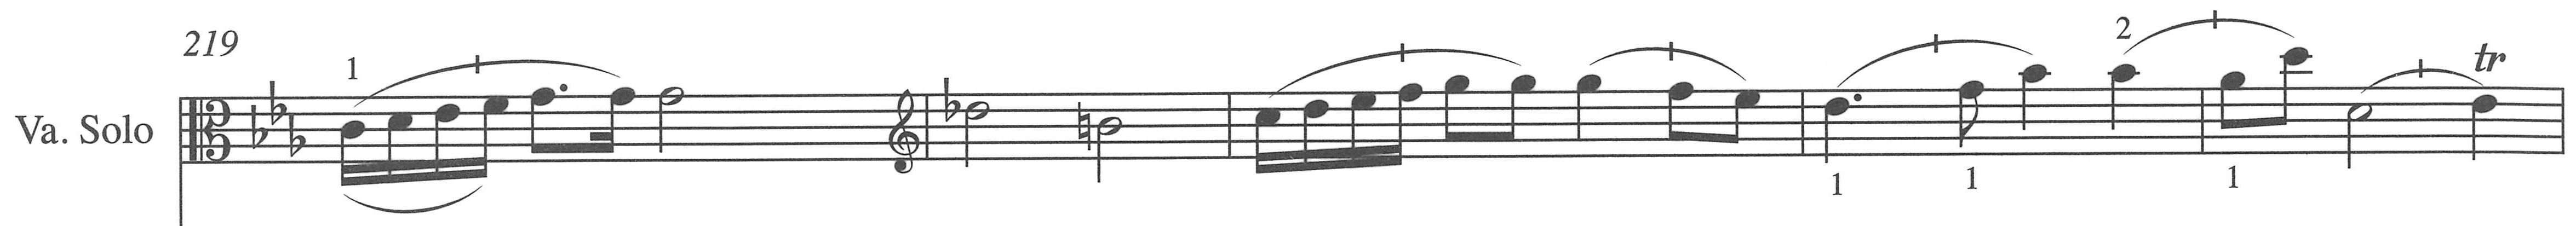 Figure 5. Viola solo part, third movement, measures 219–23.